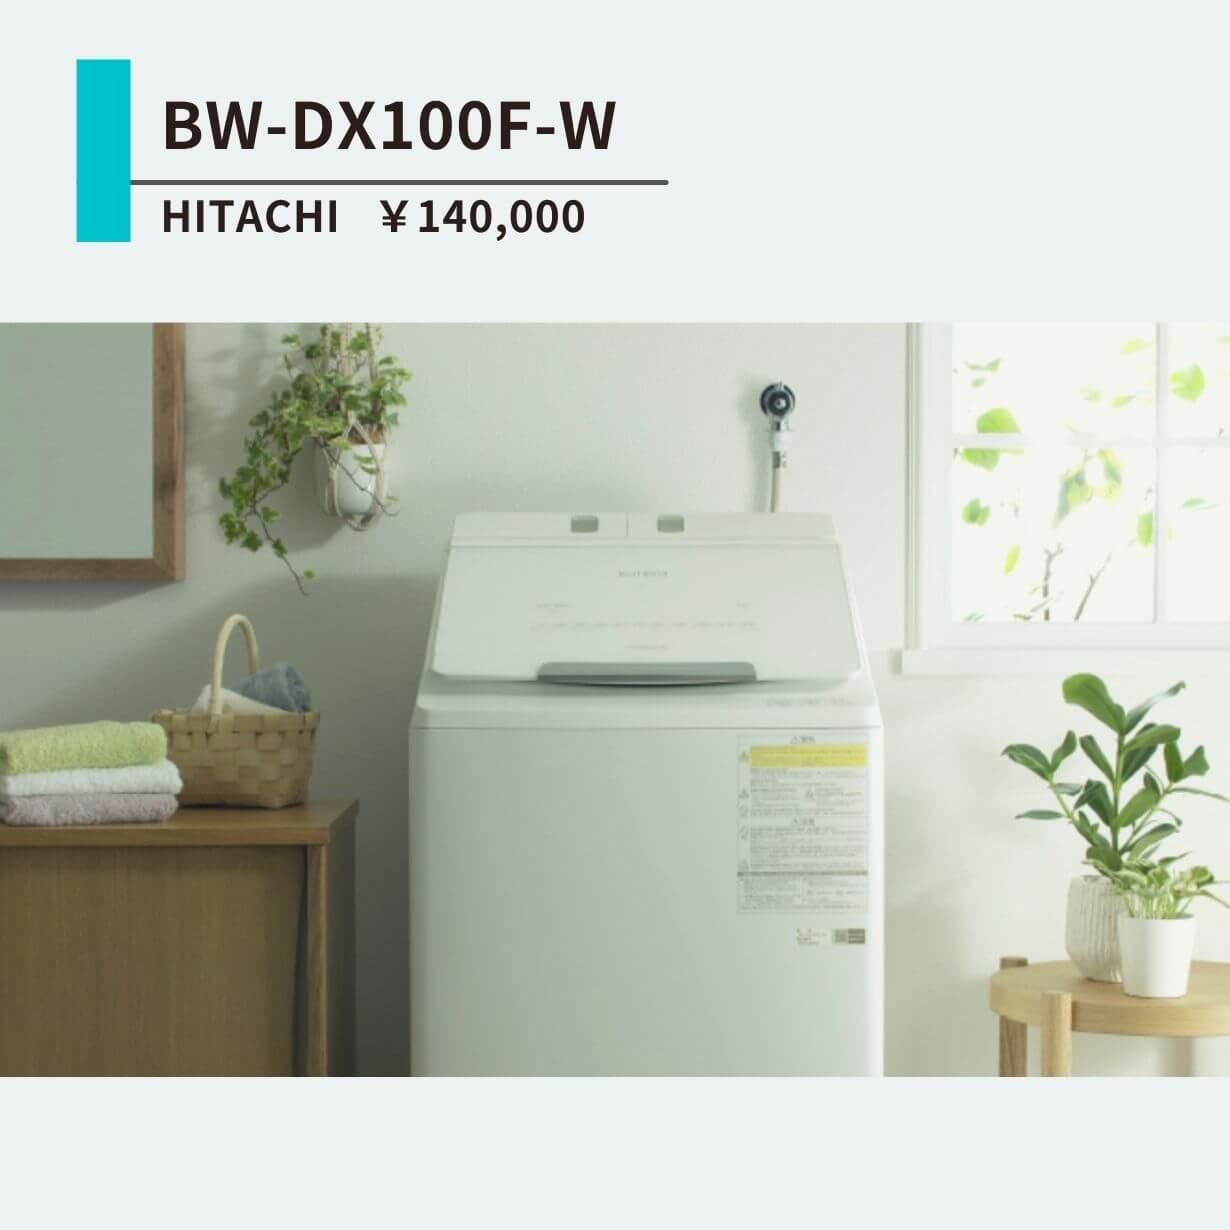 新居購入家電⑤洗濯機